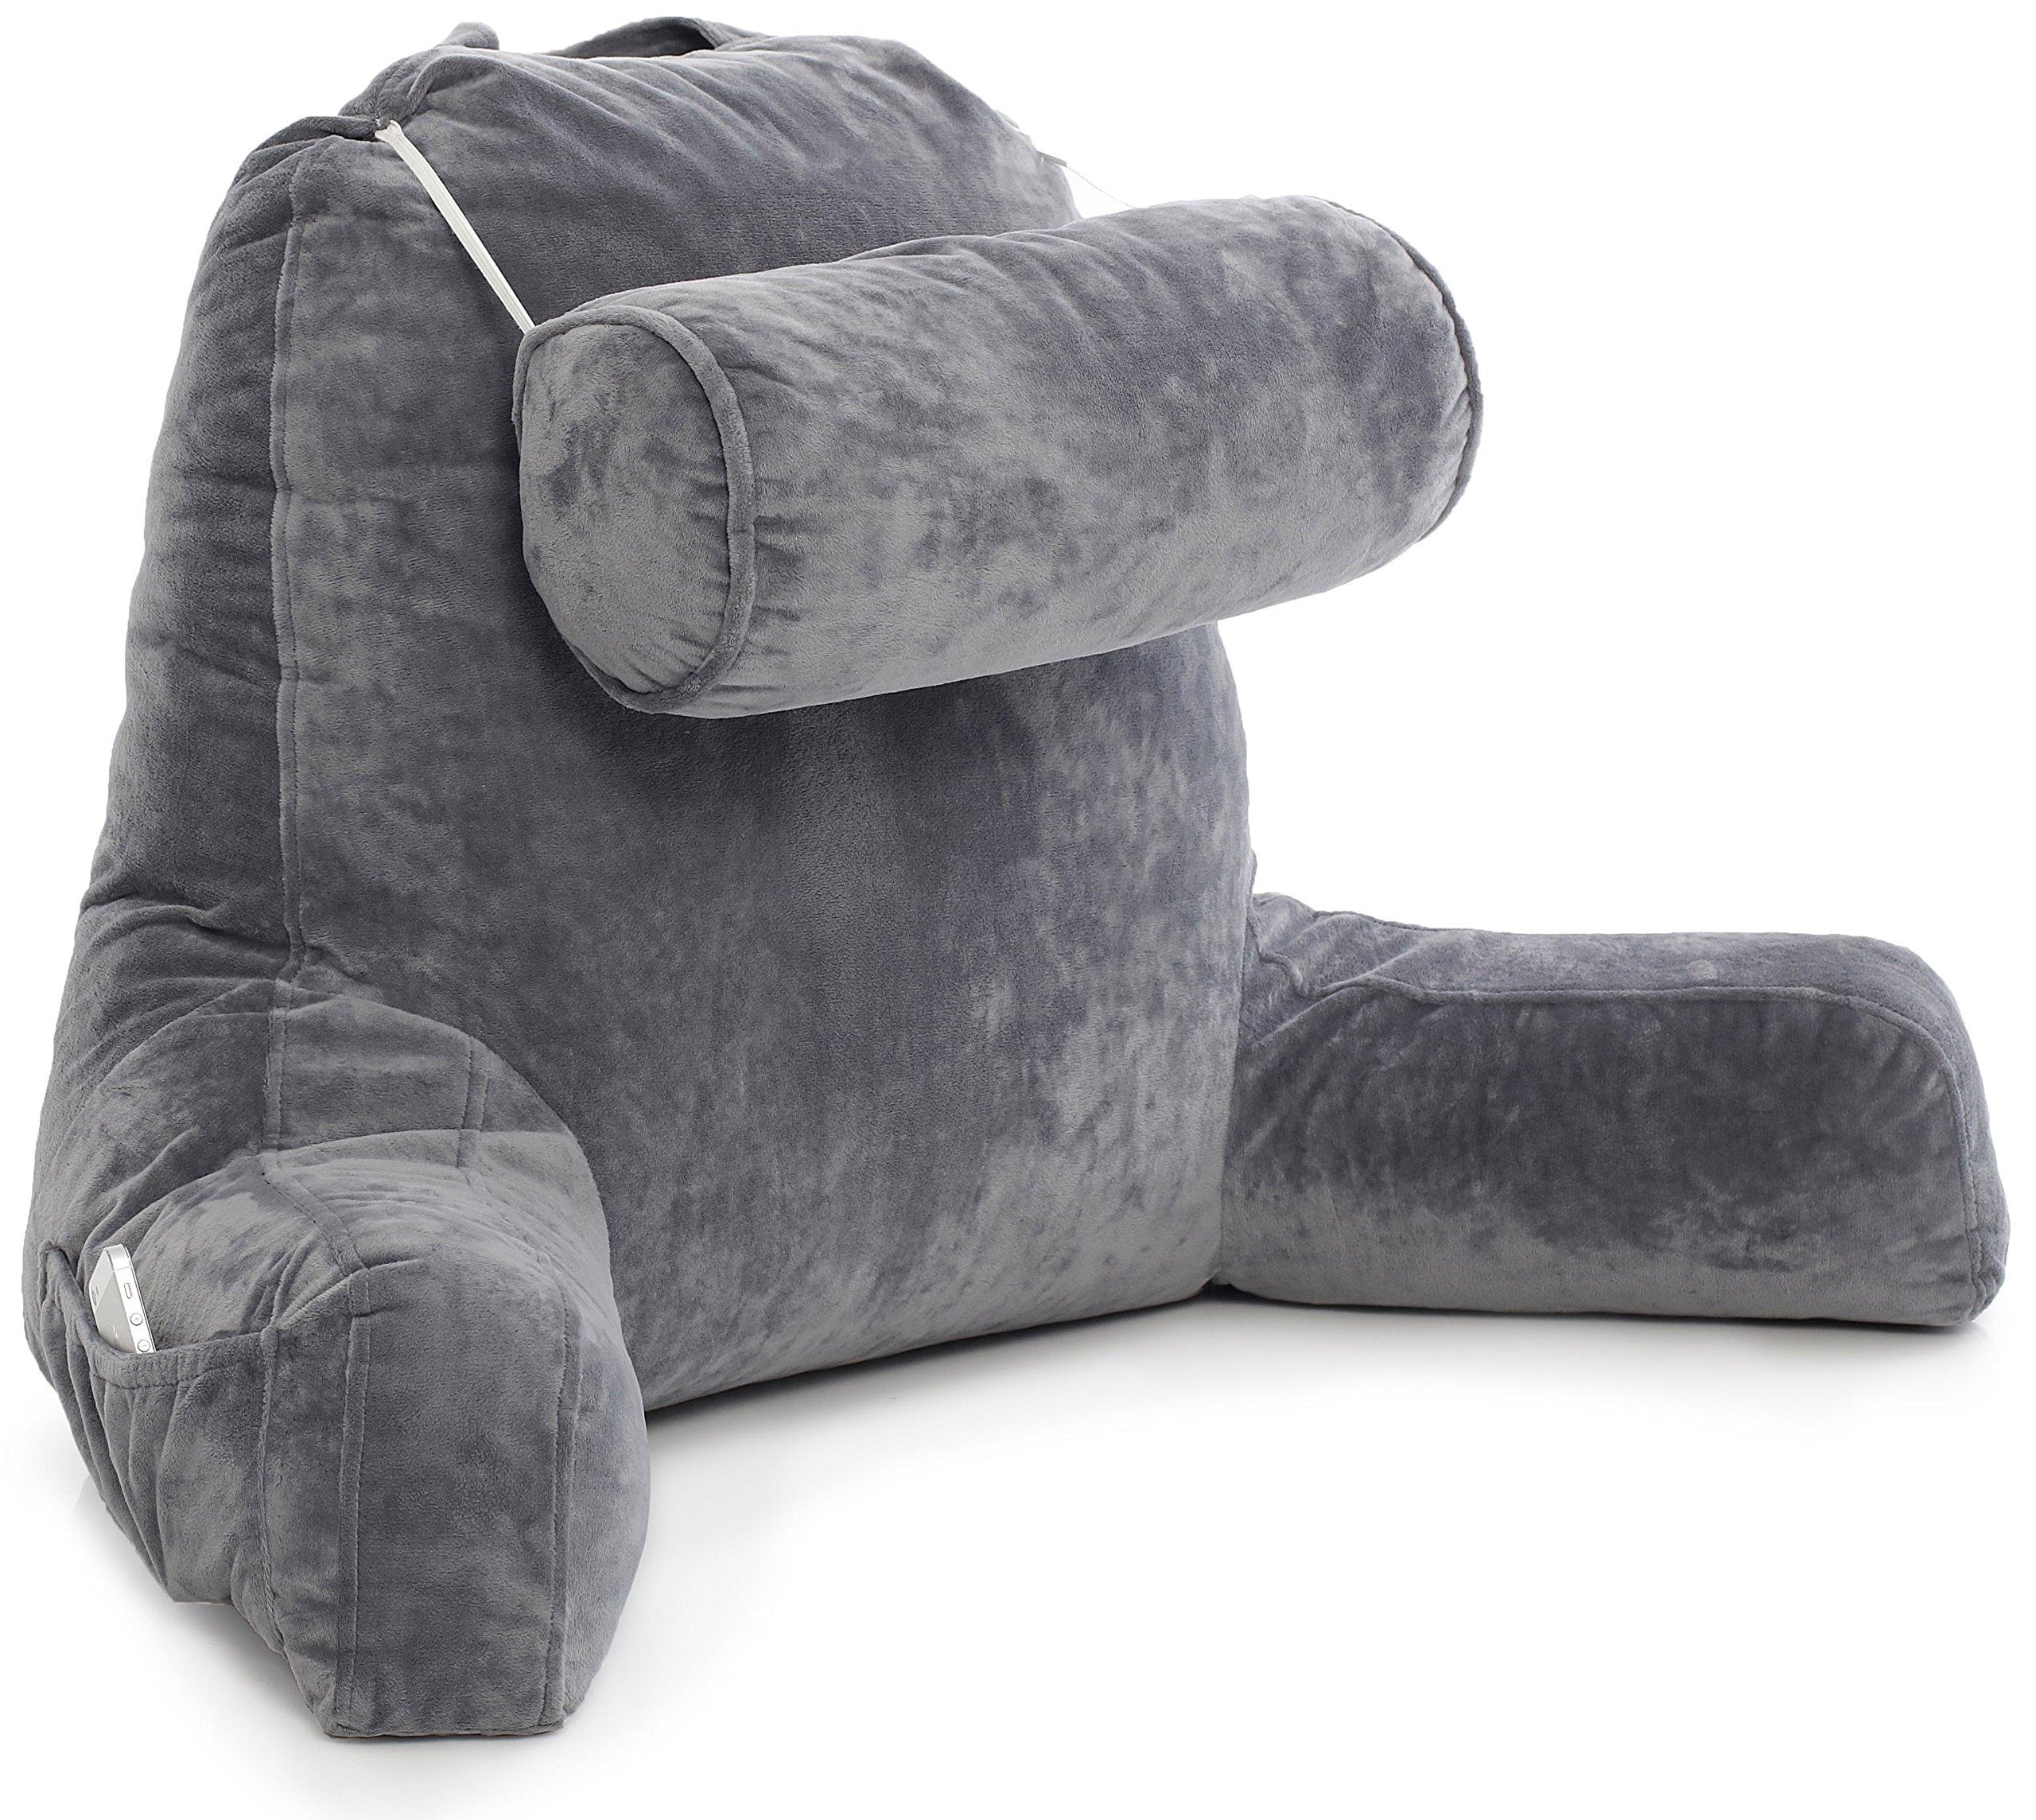 husband pillow big bedrest reading support bed backrest with arms premium 712038556311 ebay. Black Bedroom Furniture Sets. Home Design Ideas